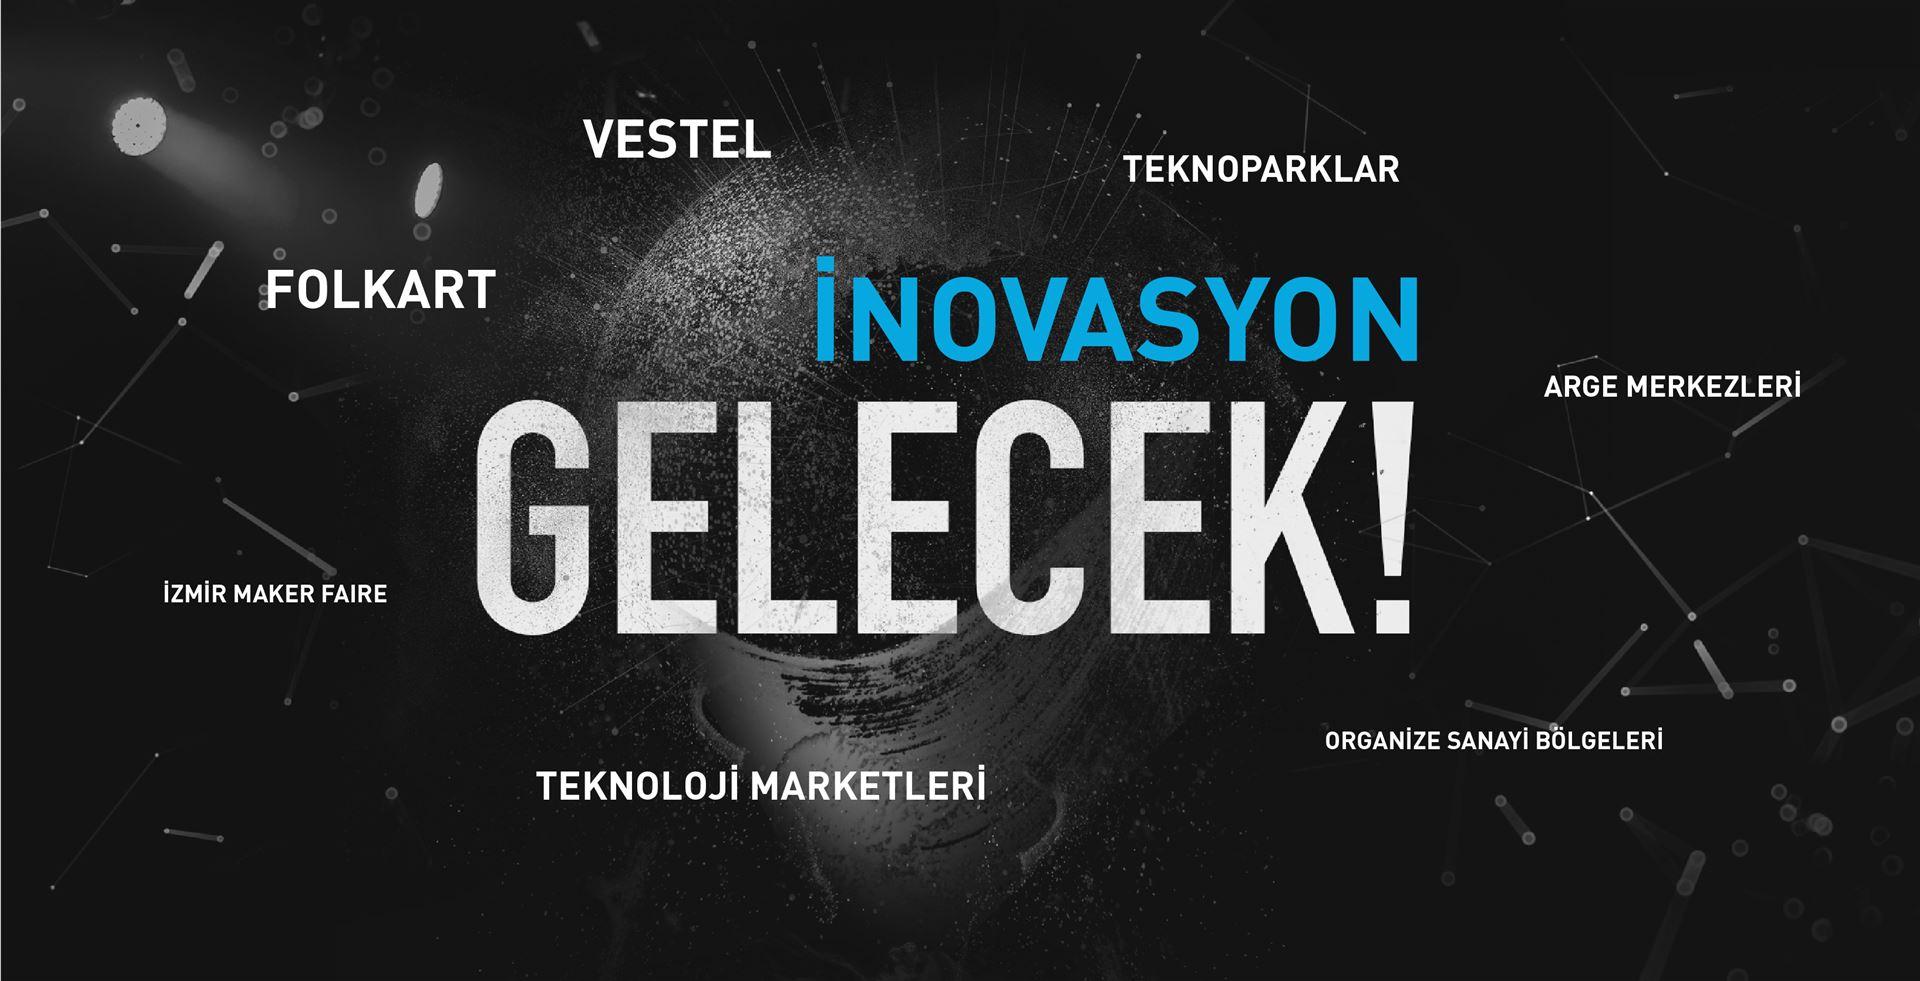 inovasyon-1